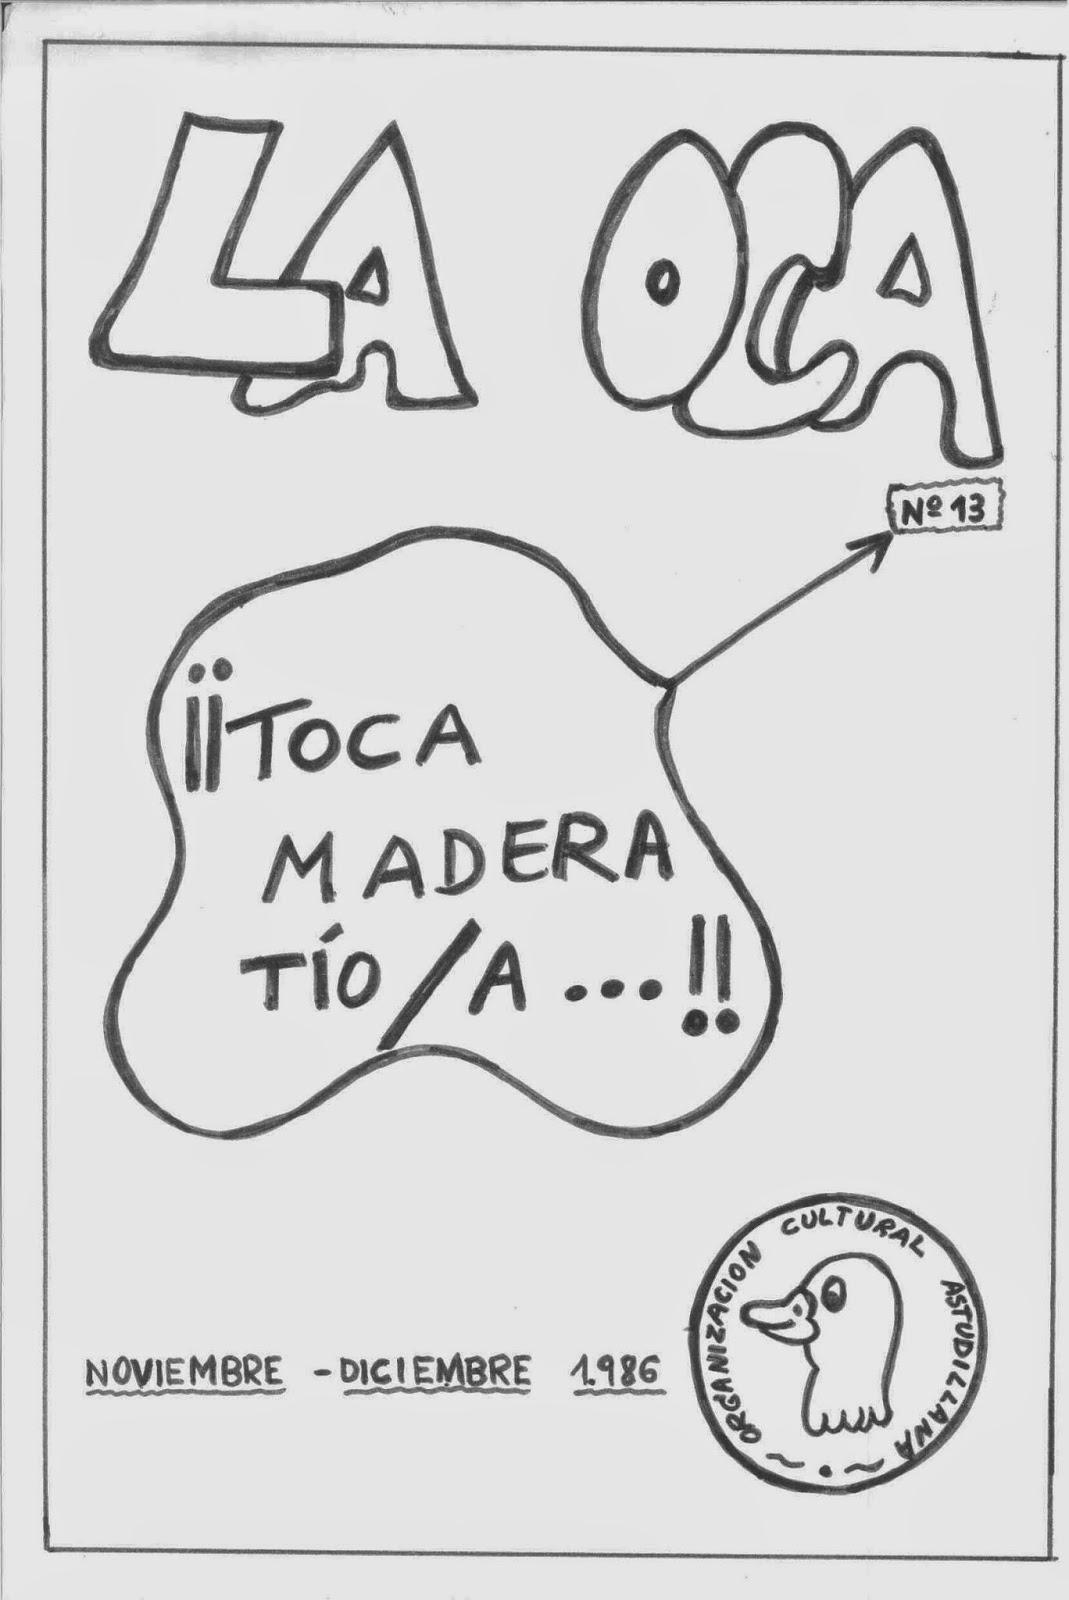 http://es.scribd.com/doc/223269990/La-Oca-n-13-Invierno-87